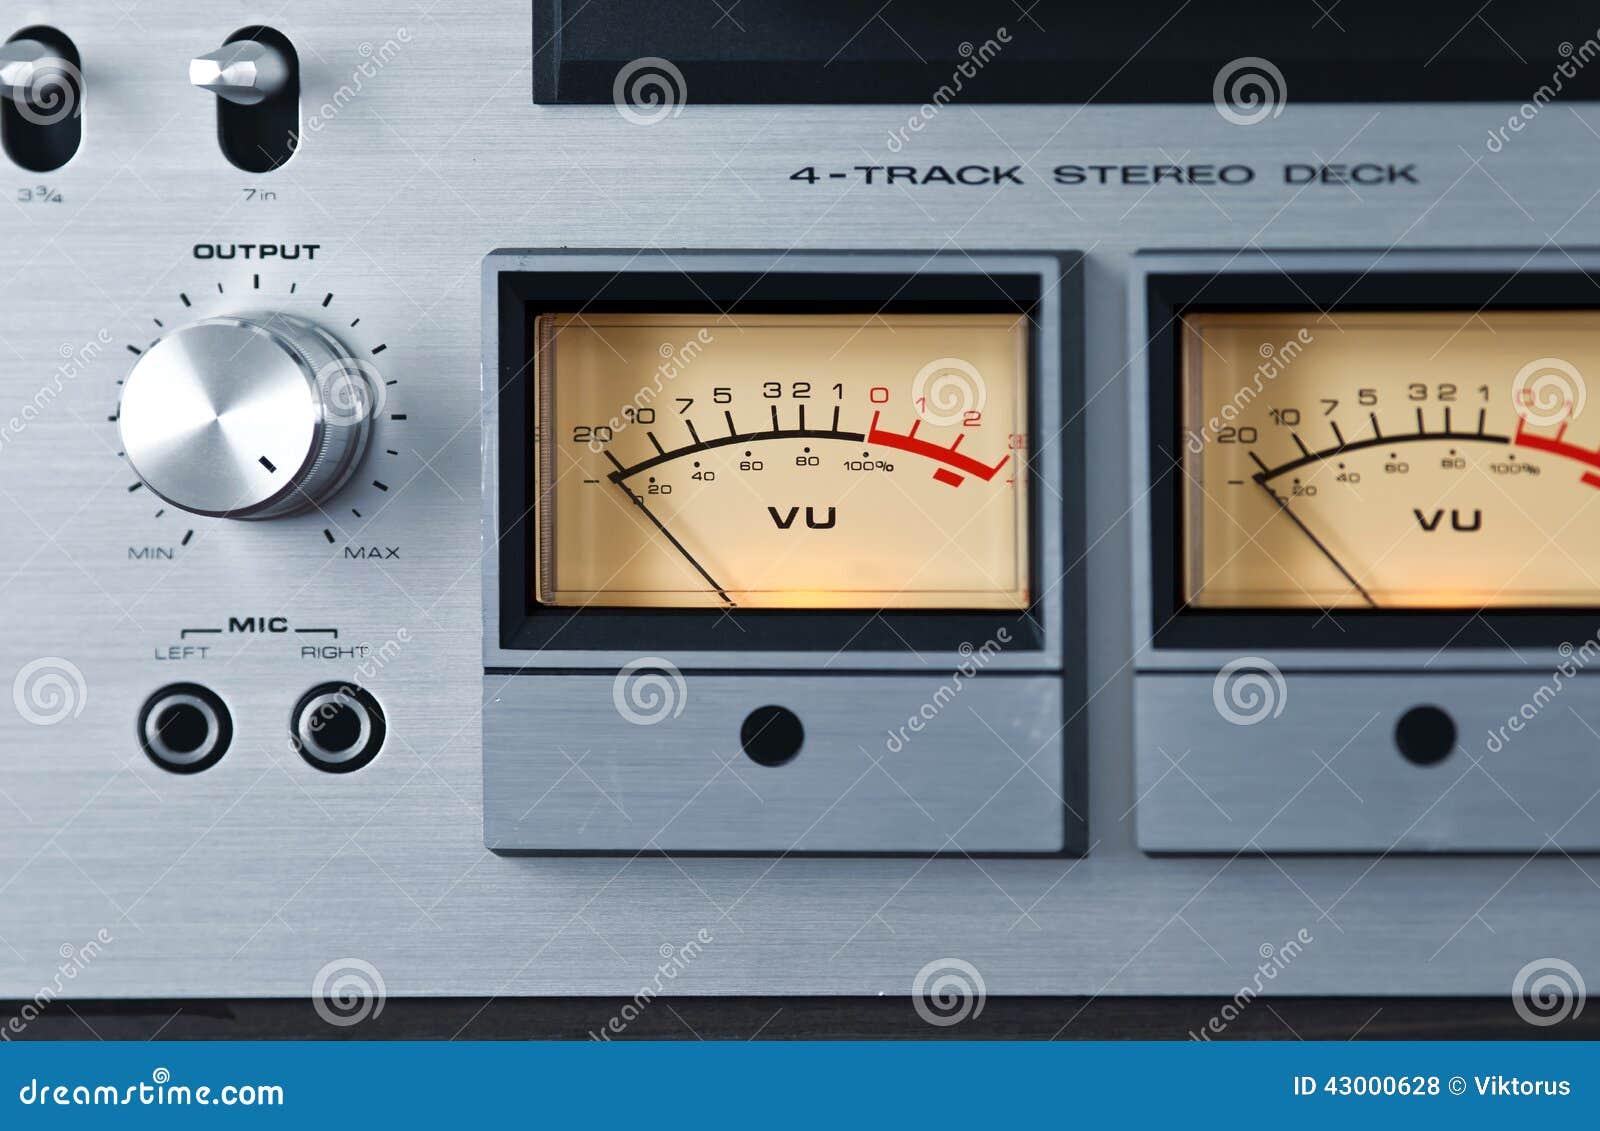 Analog Vu Meter : Analog vu meter bing images